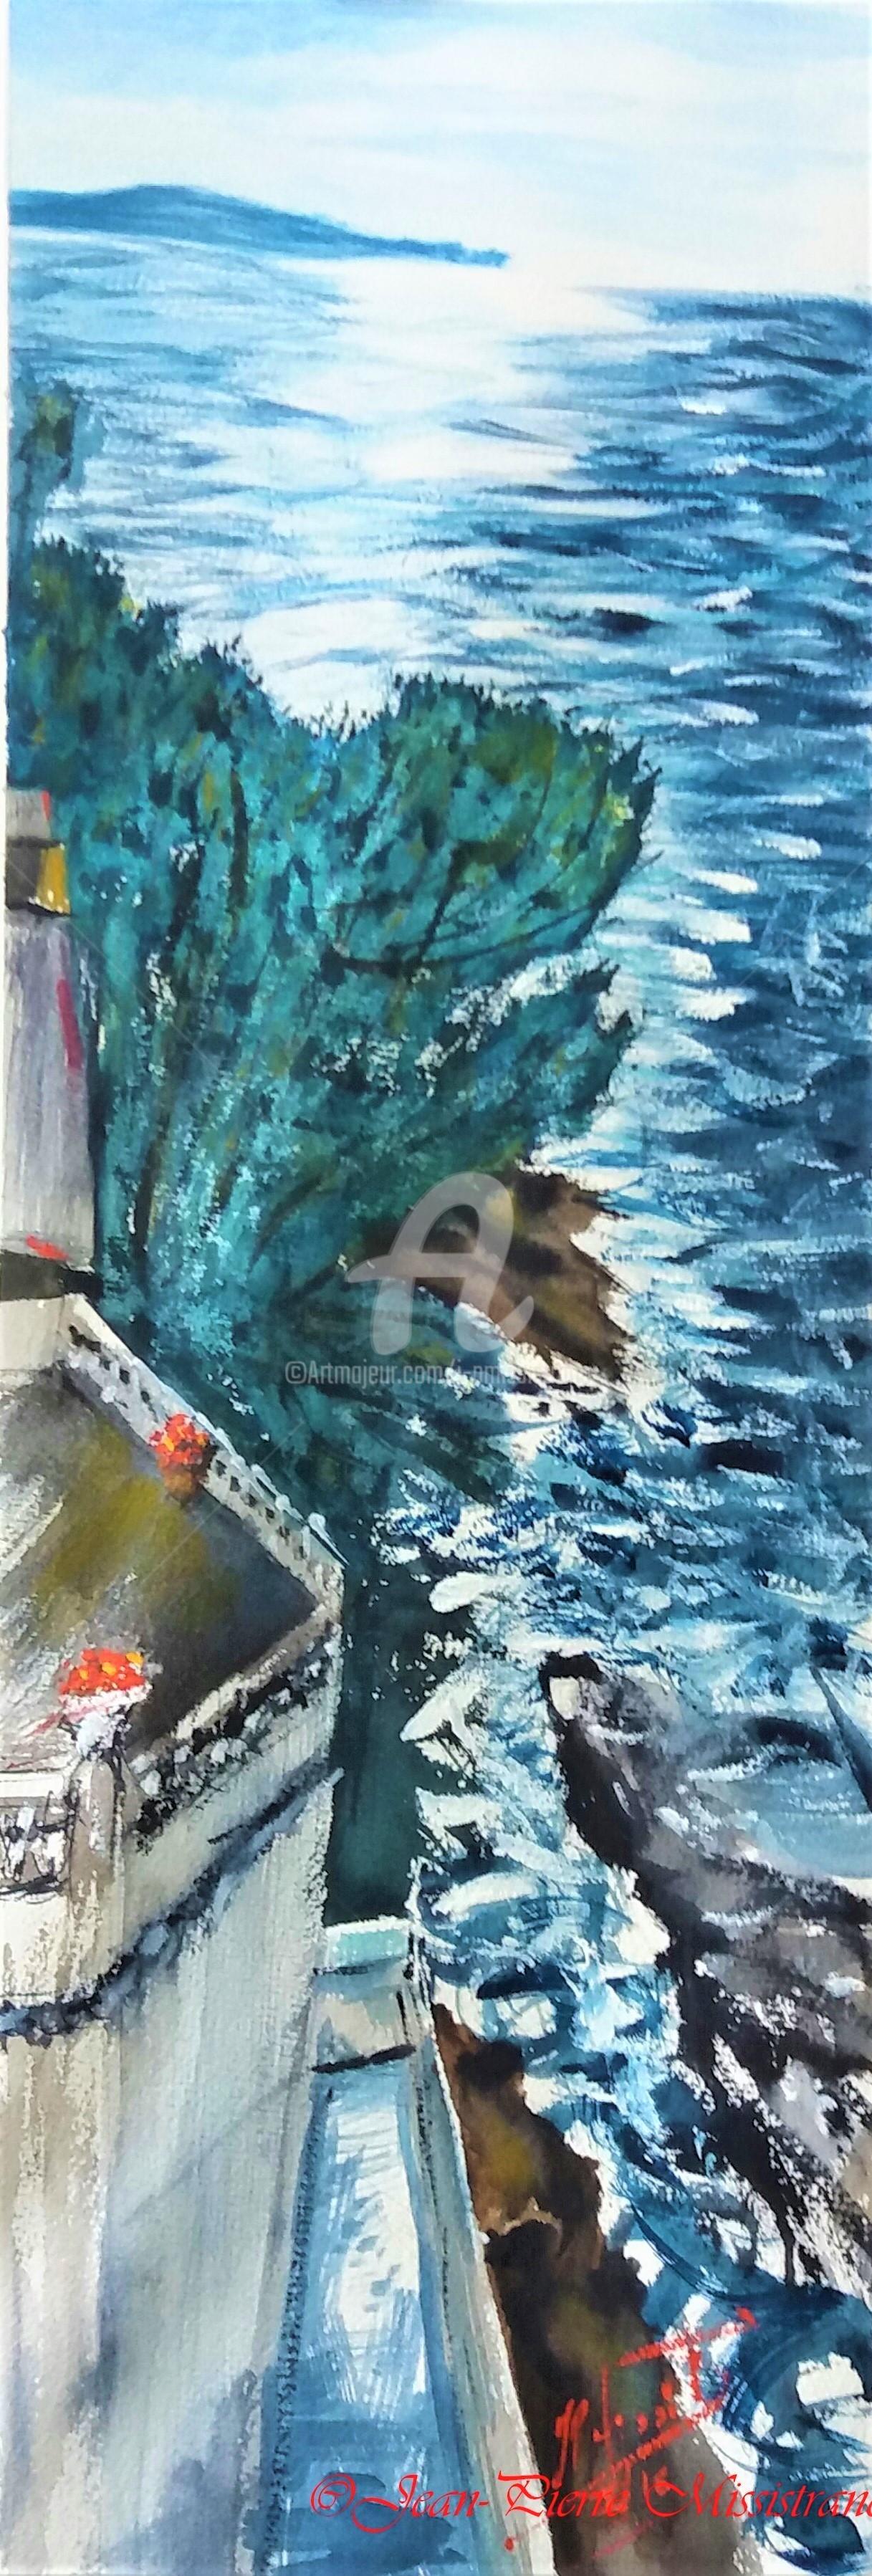 Jean-Pierre Missistrano - Terrasse sur mer